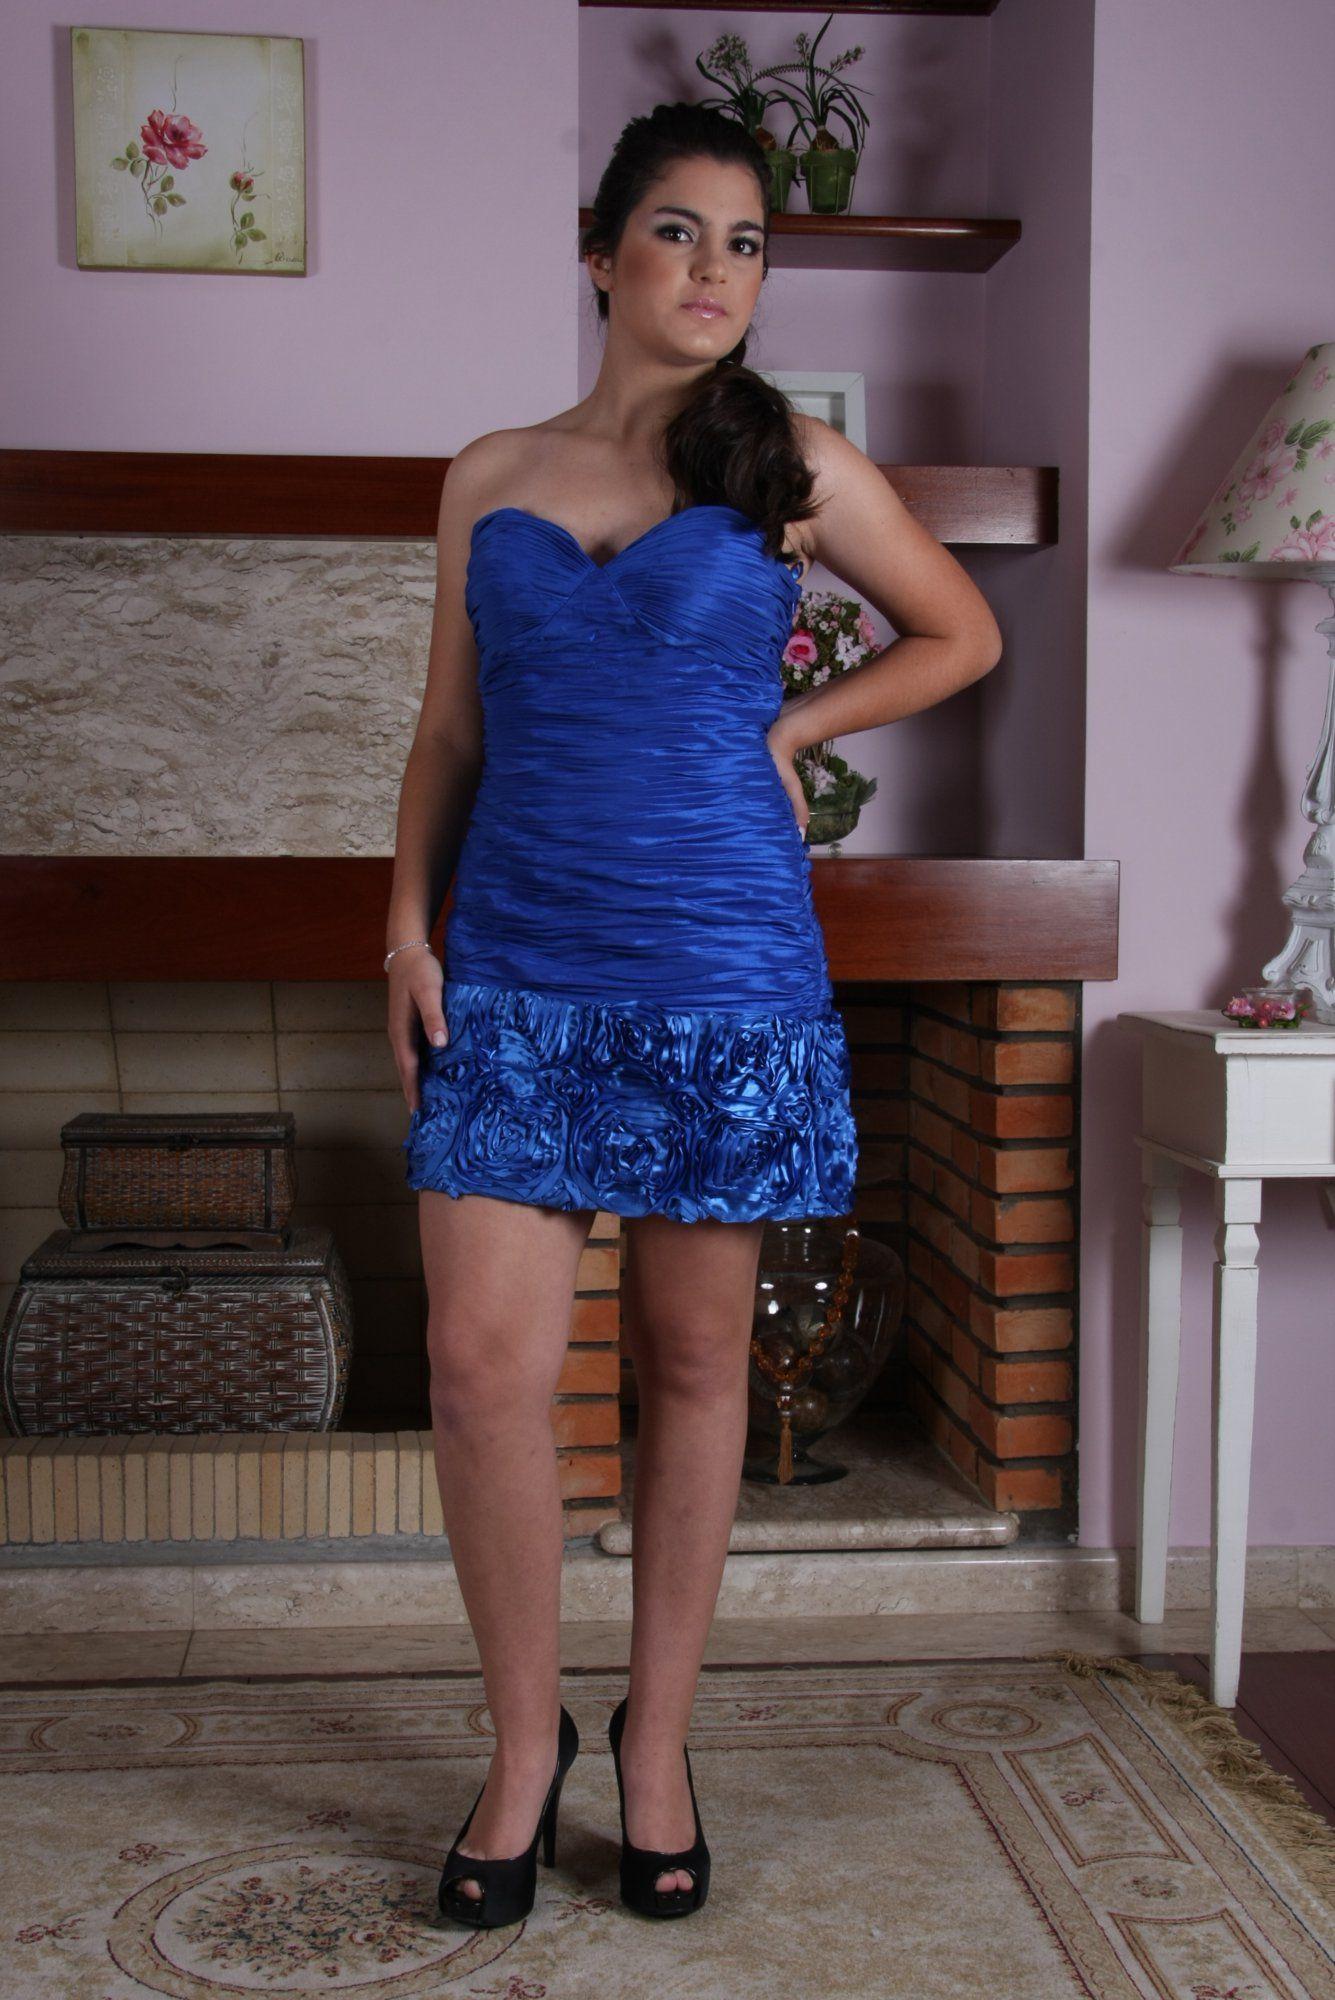 Vestido de Debutante Azul - 15 - Hipnose Alta Costura e Spa para Noivas e Noivos - Campinas - SP Vestido de Debutante, Vestido de Debutante Azul, Hipnose Alta Costura